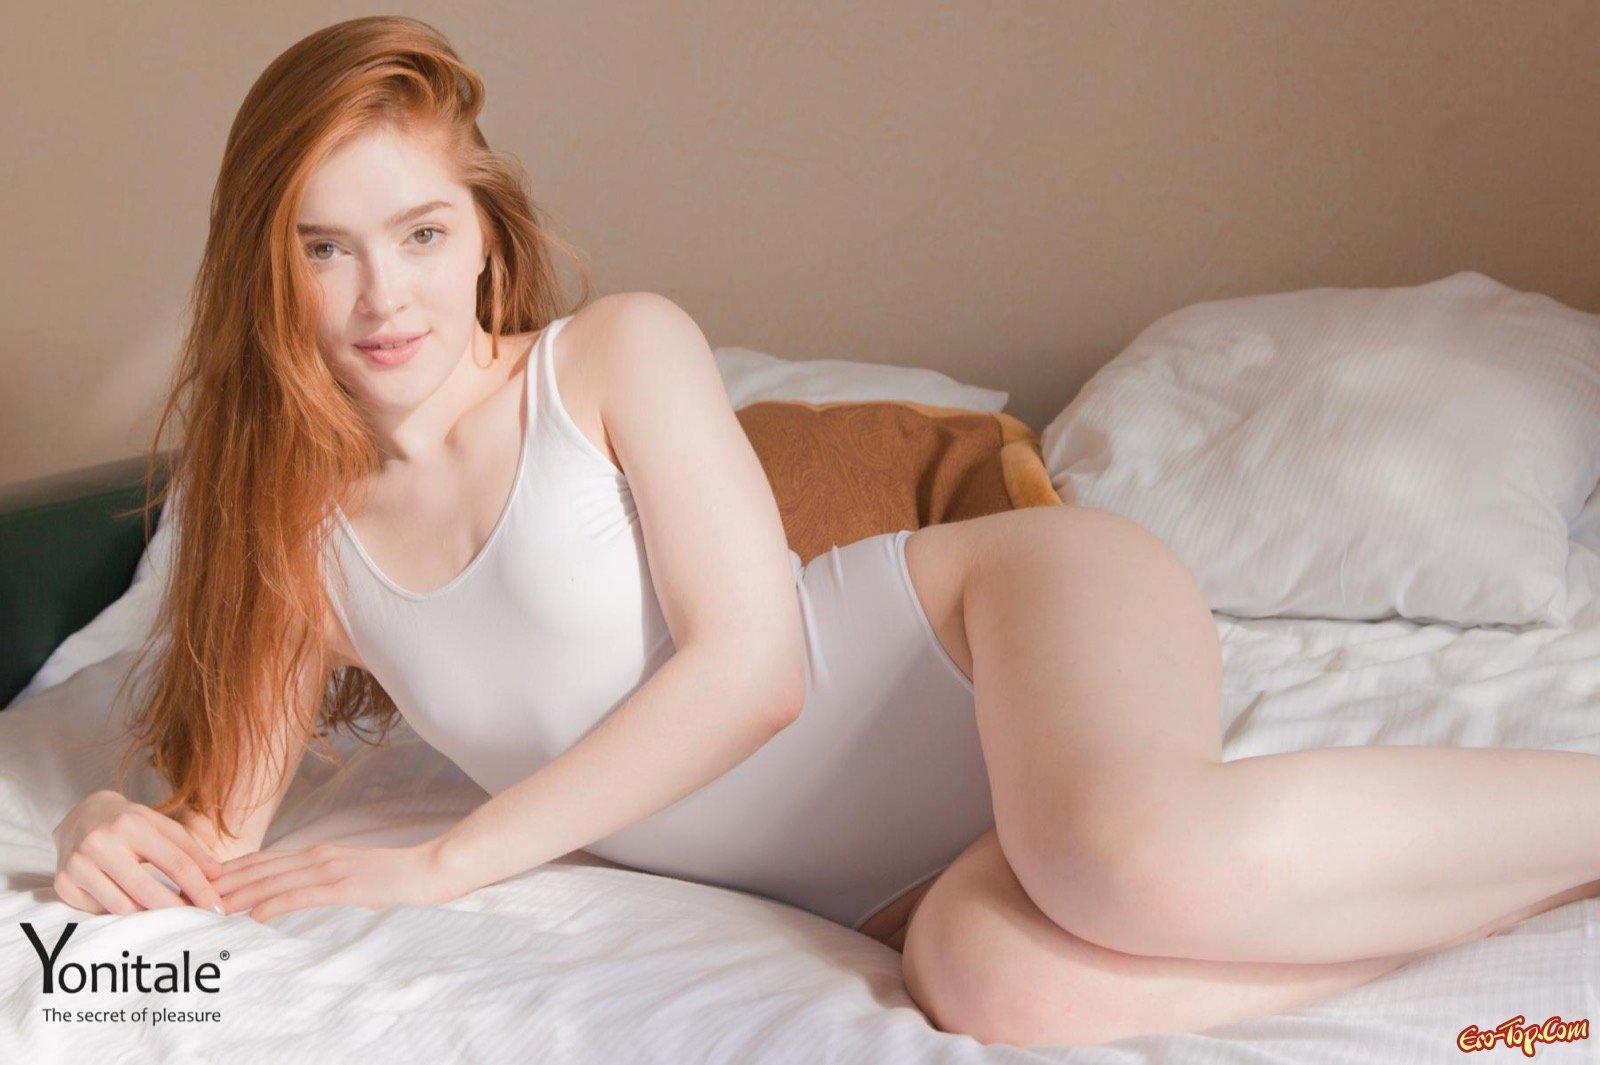 Рыжеволосая девушка сняла боди и делает селфи на кровати